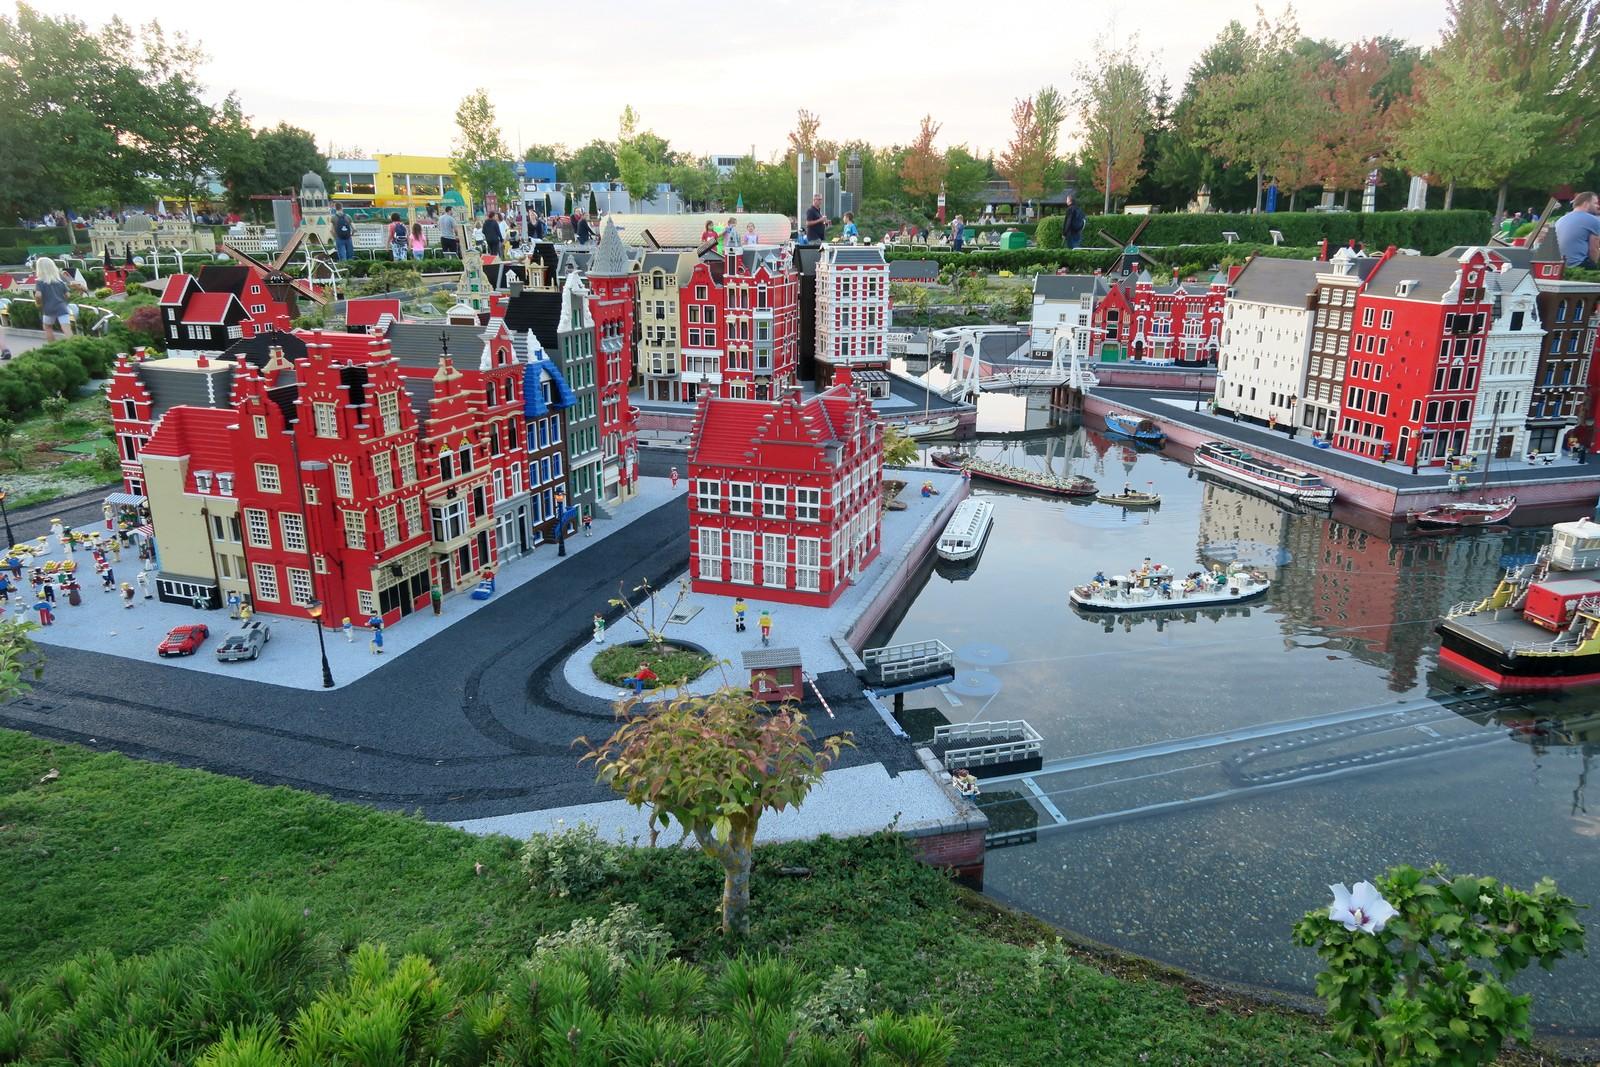 bester Freizeiitpark in Deutschland